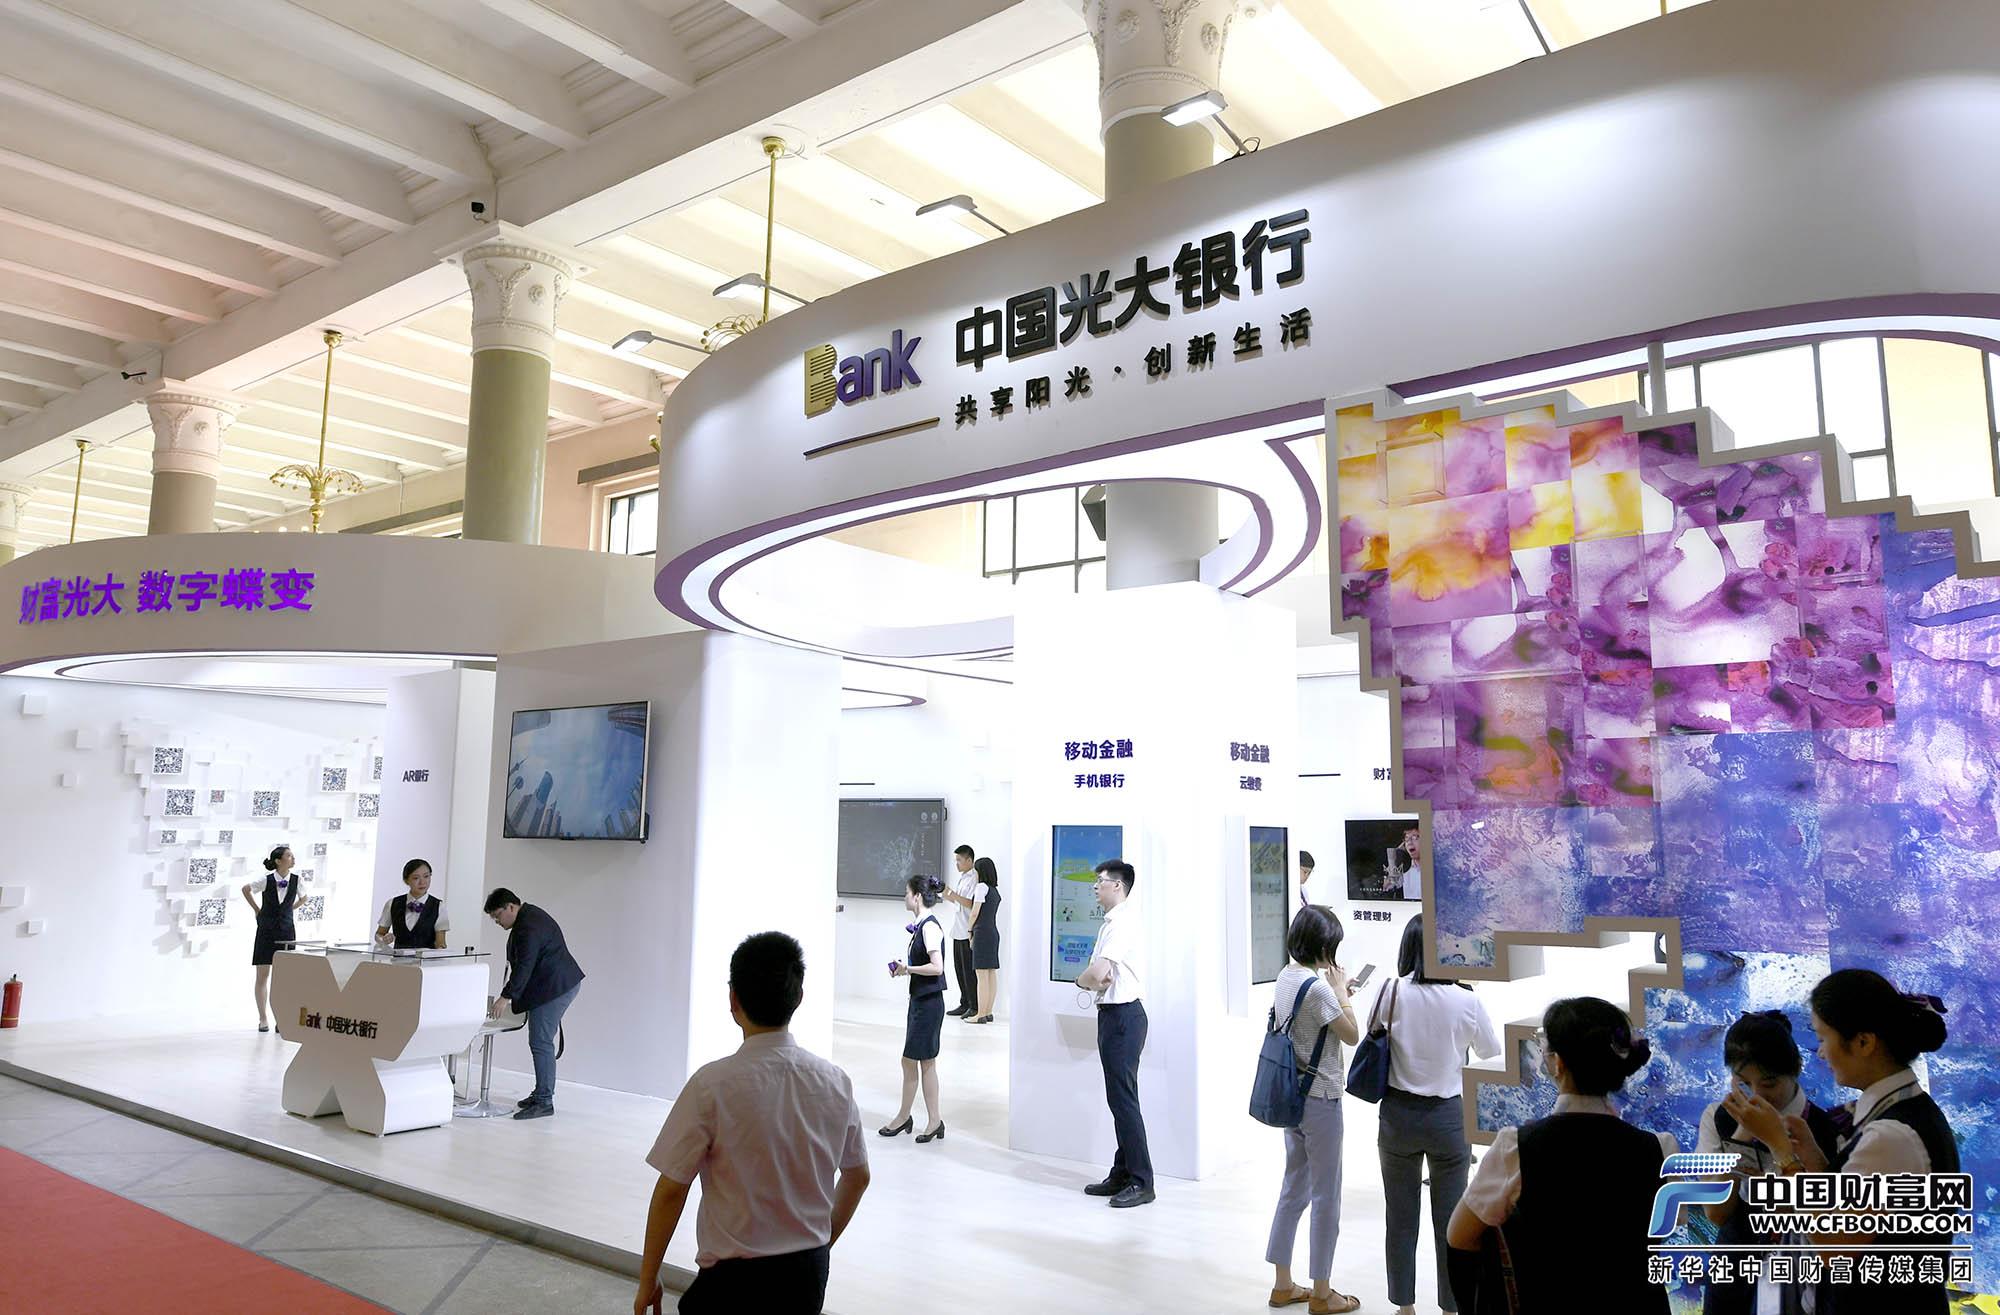 中国光大银行展台